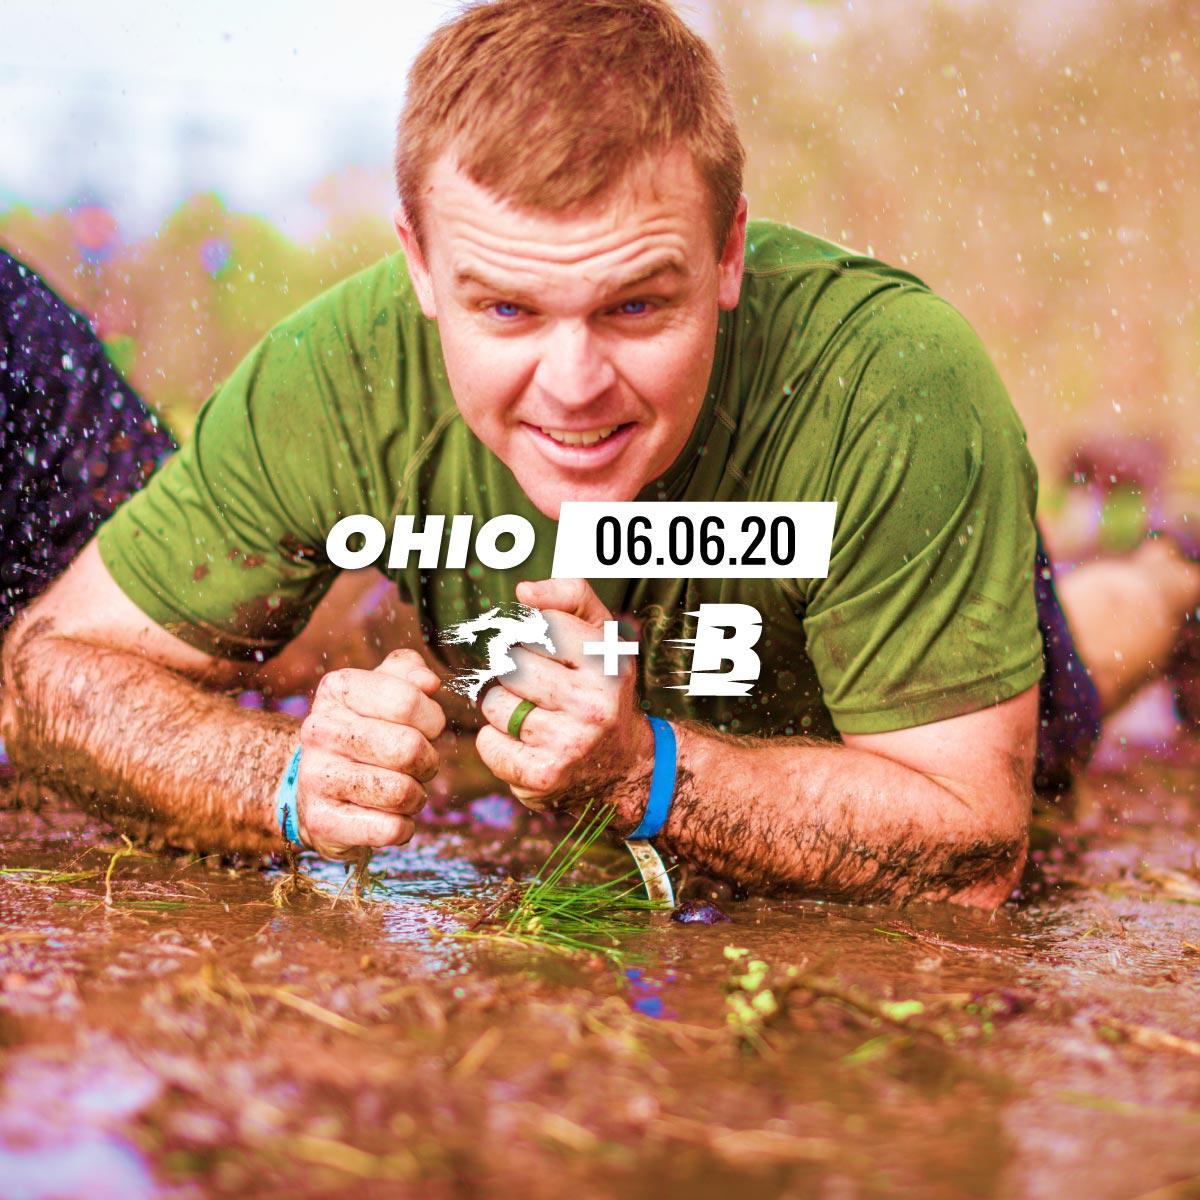 Ohio 2020